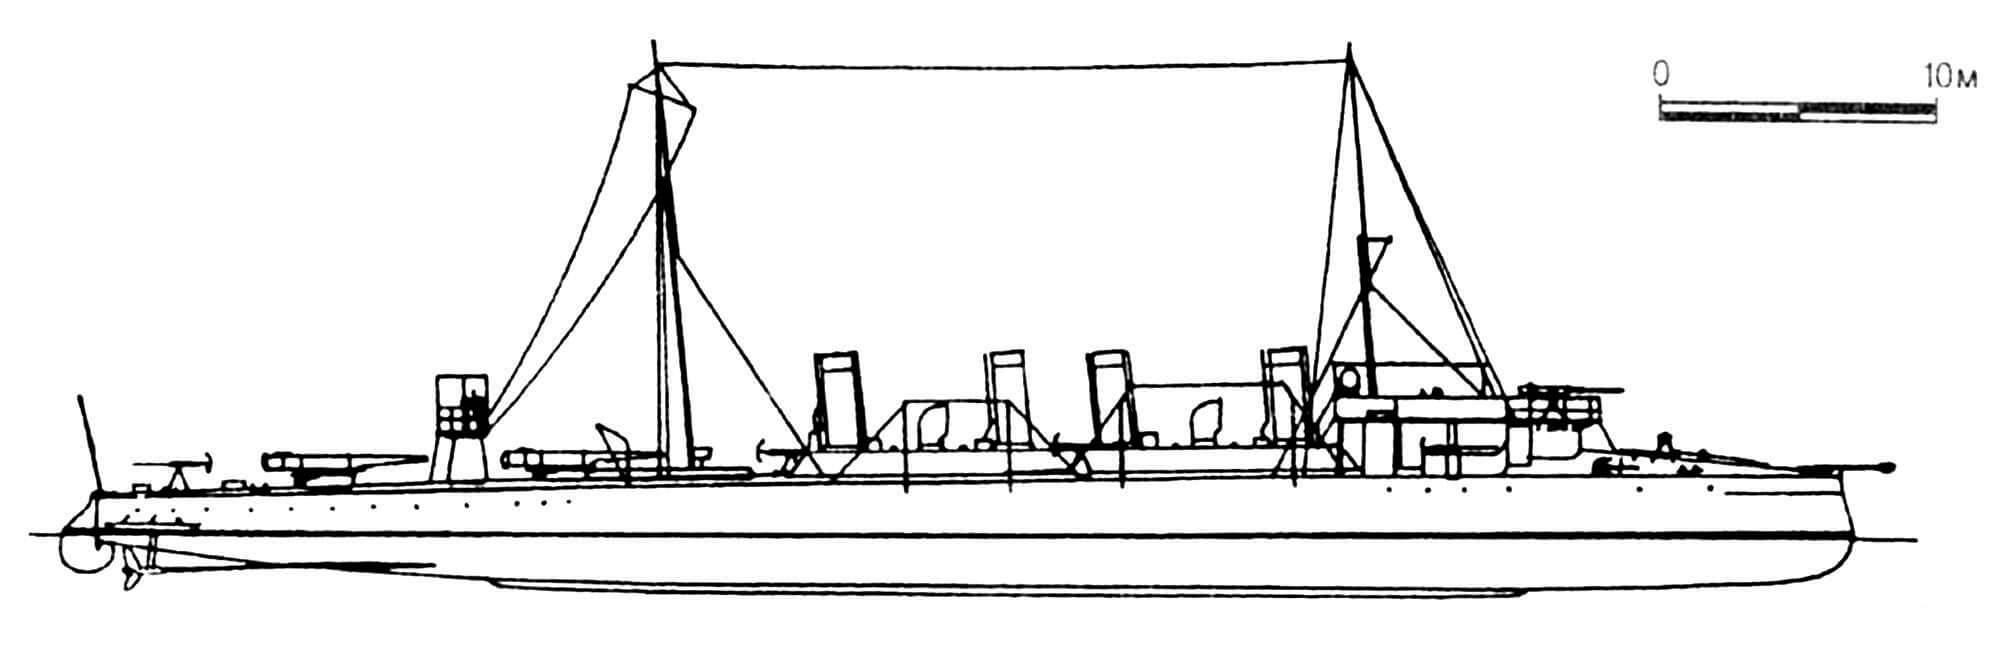 133. Эскадренный миноносец «Лейтенант Пущин», Россия, 1907 г. Водоизмещение нормальное 350 т. Длина наибольшая 64 м, ширина 6,4 м, осадка 2 м. Мощность двухвальной паромашинной установки 5700 л.с., скорость 26 узлов. Вооружение: одна 75-мм и пять 47-мм пушек, два торпедных аппарата. Всего построено девять единиц.